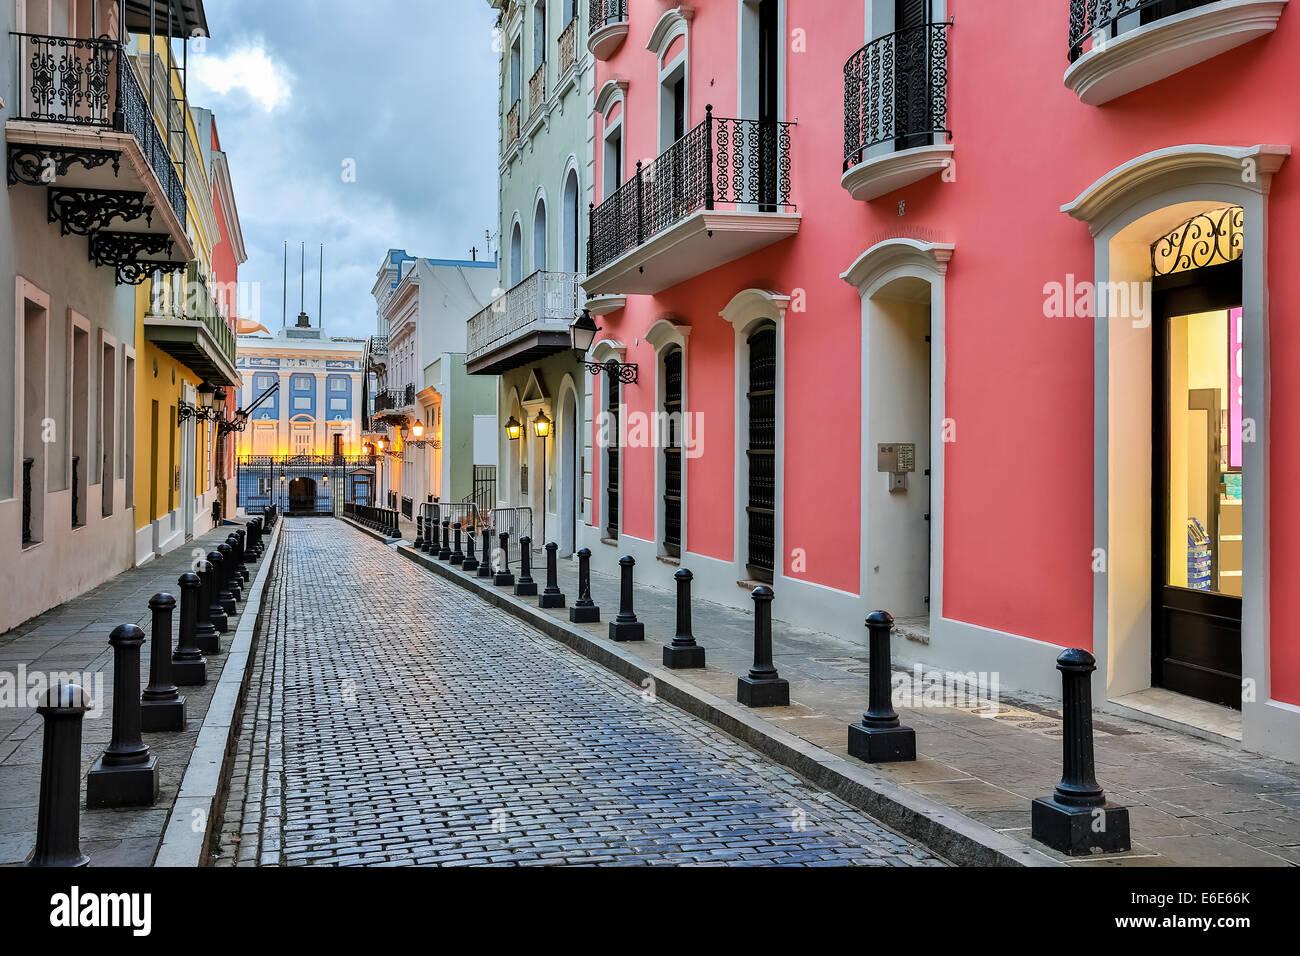 Calle en el Viejo San Juan, Puerto Rico Imagen De Stock